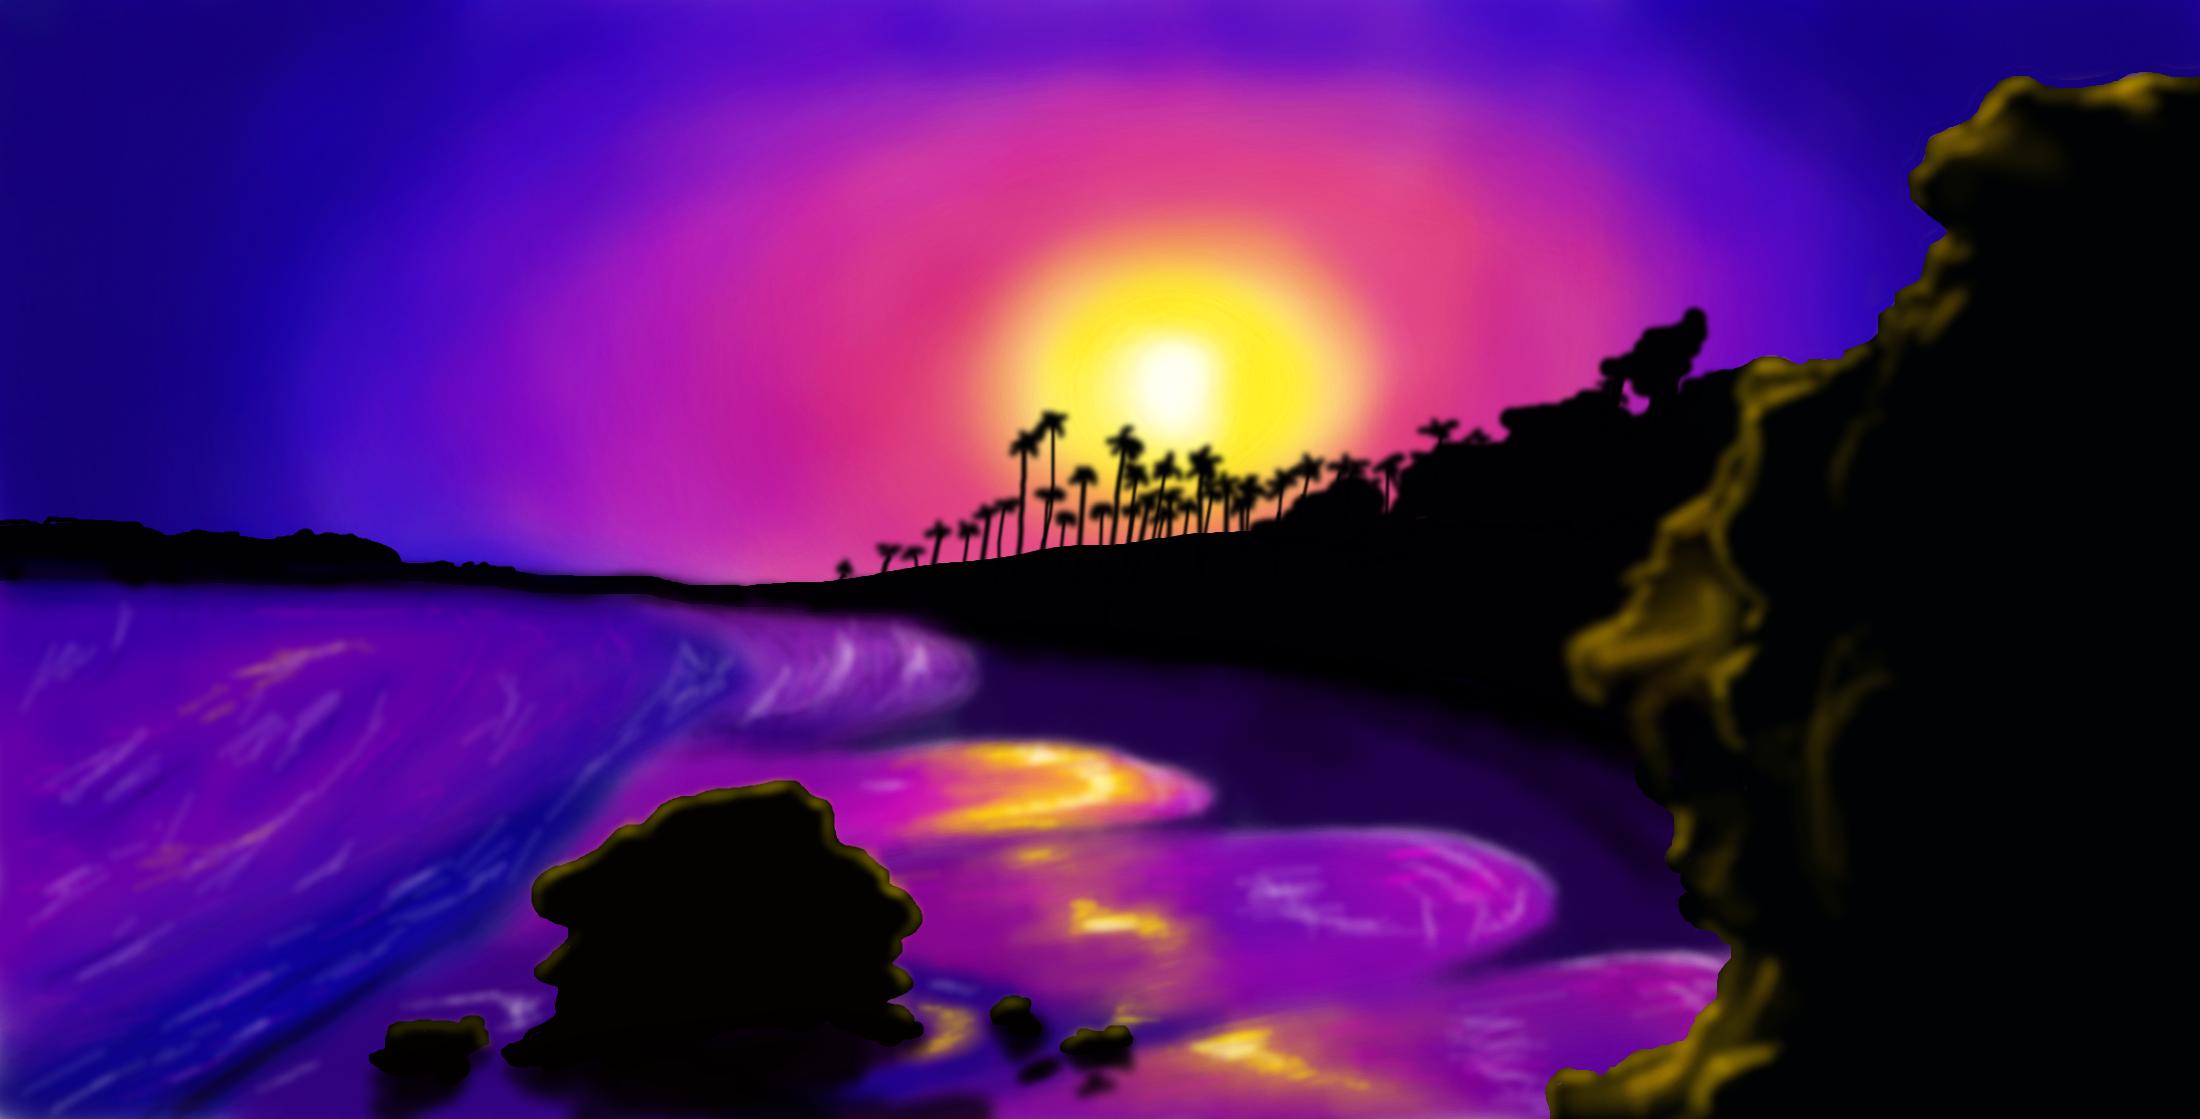 Sunset Beach By Magical Marauder On Deviantart